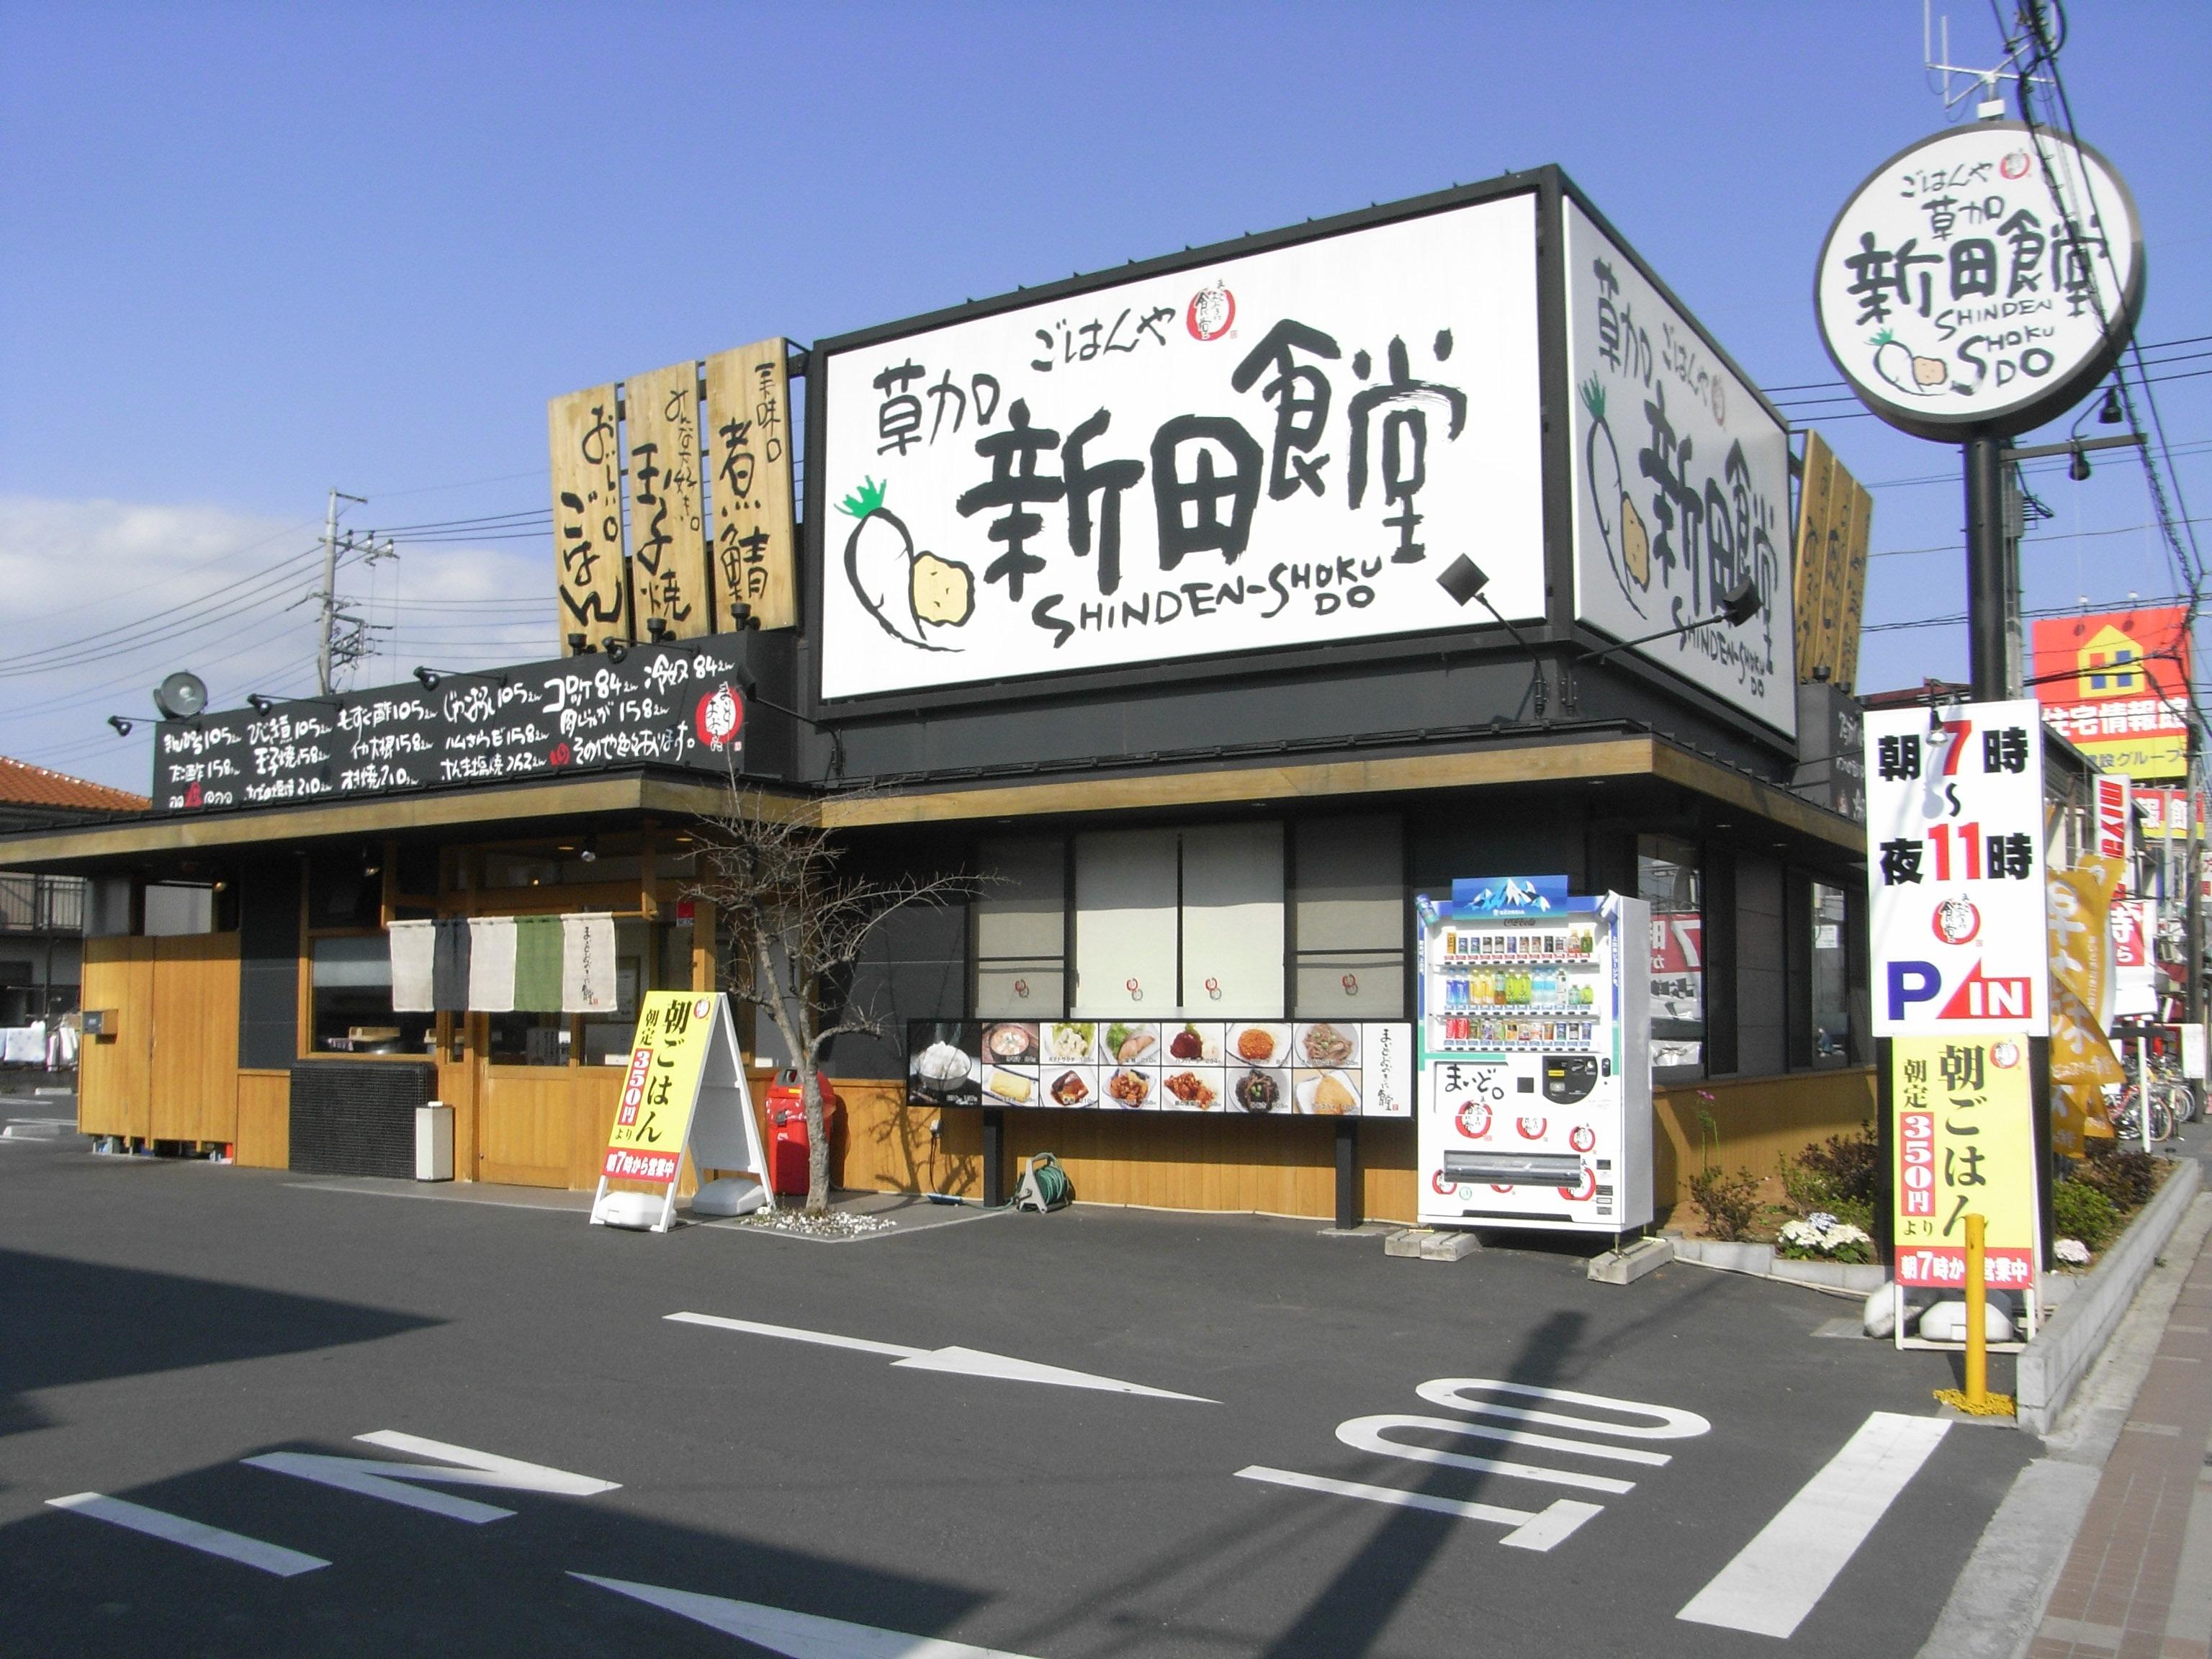 草加市 通信:新田駅 - livedoor Blog(ブログ)